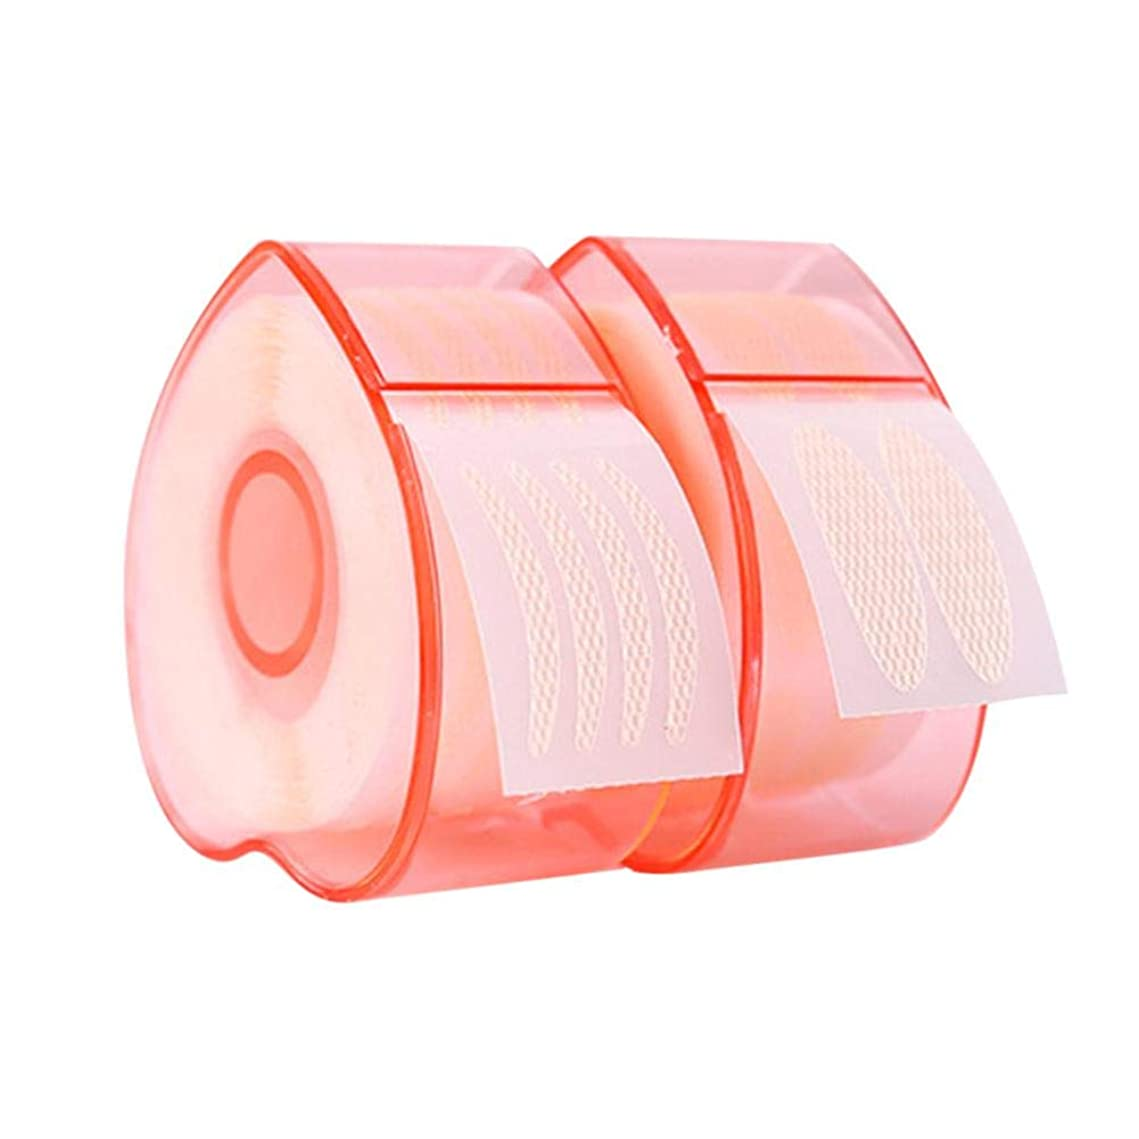 退屈させるトピック発症Licentury 二重まぶたステッカー 二重まぶたテープ 見えない レース テープロール 通気性 防水 ナチュラル 魅力的 2タイプ